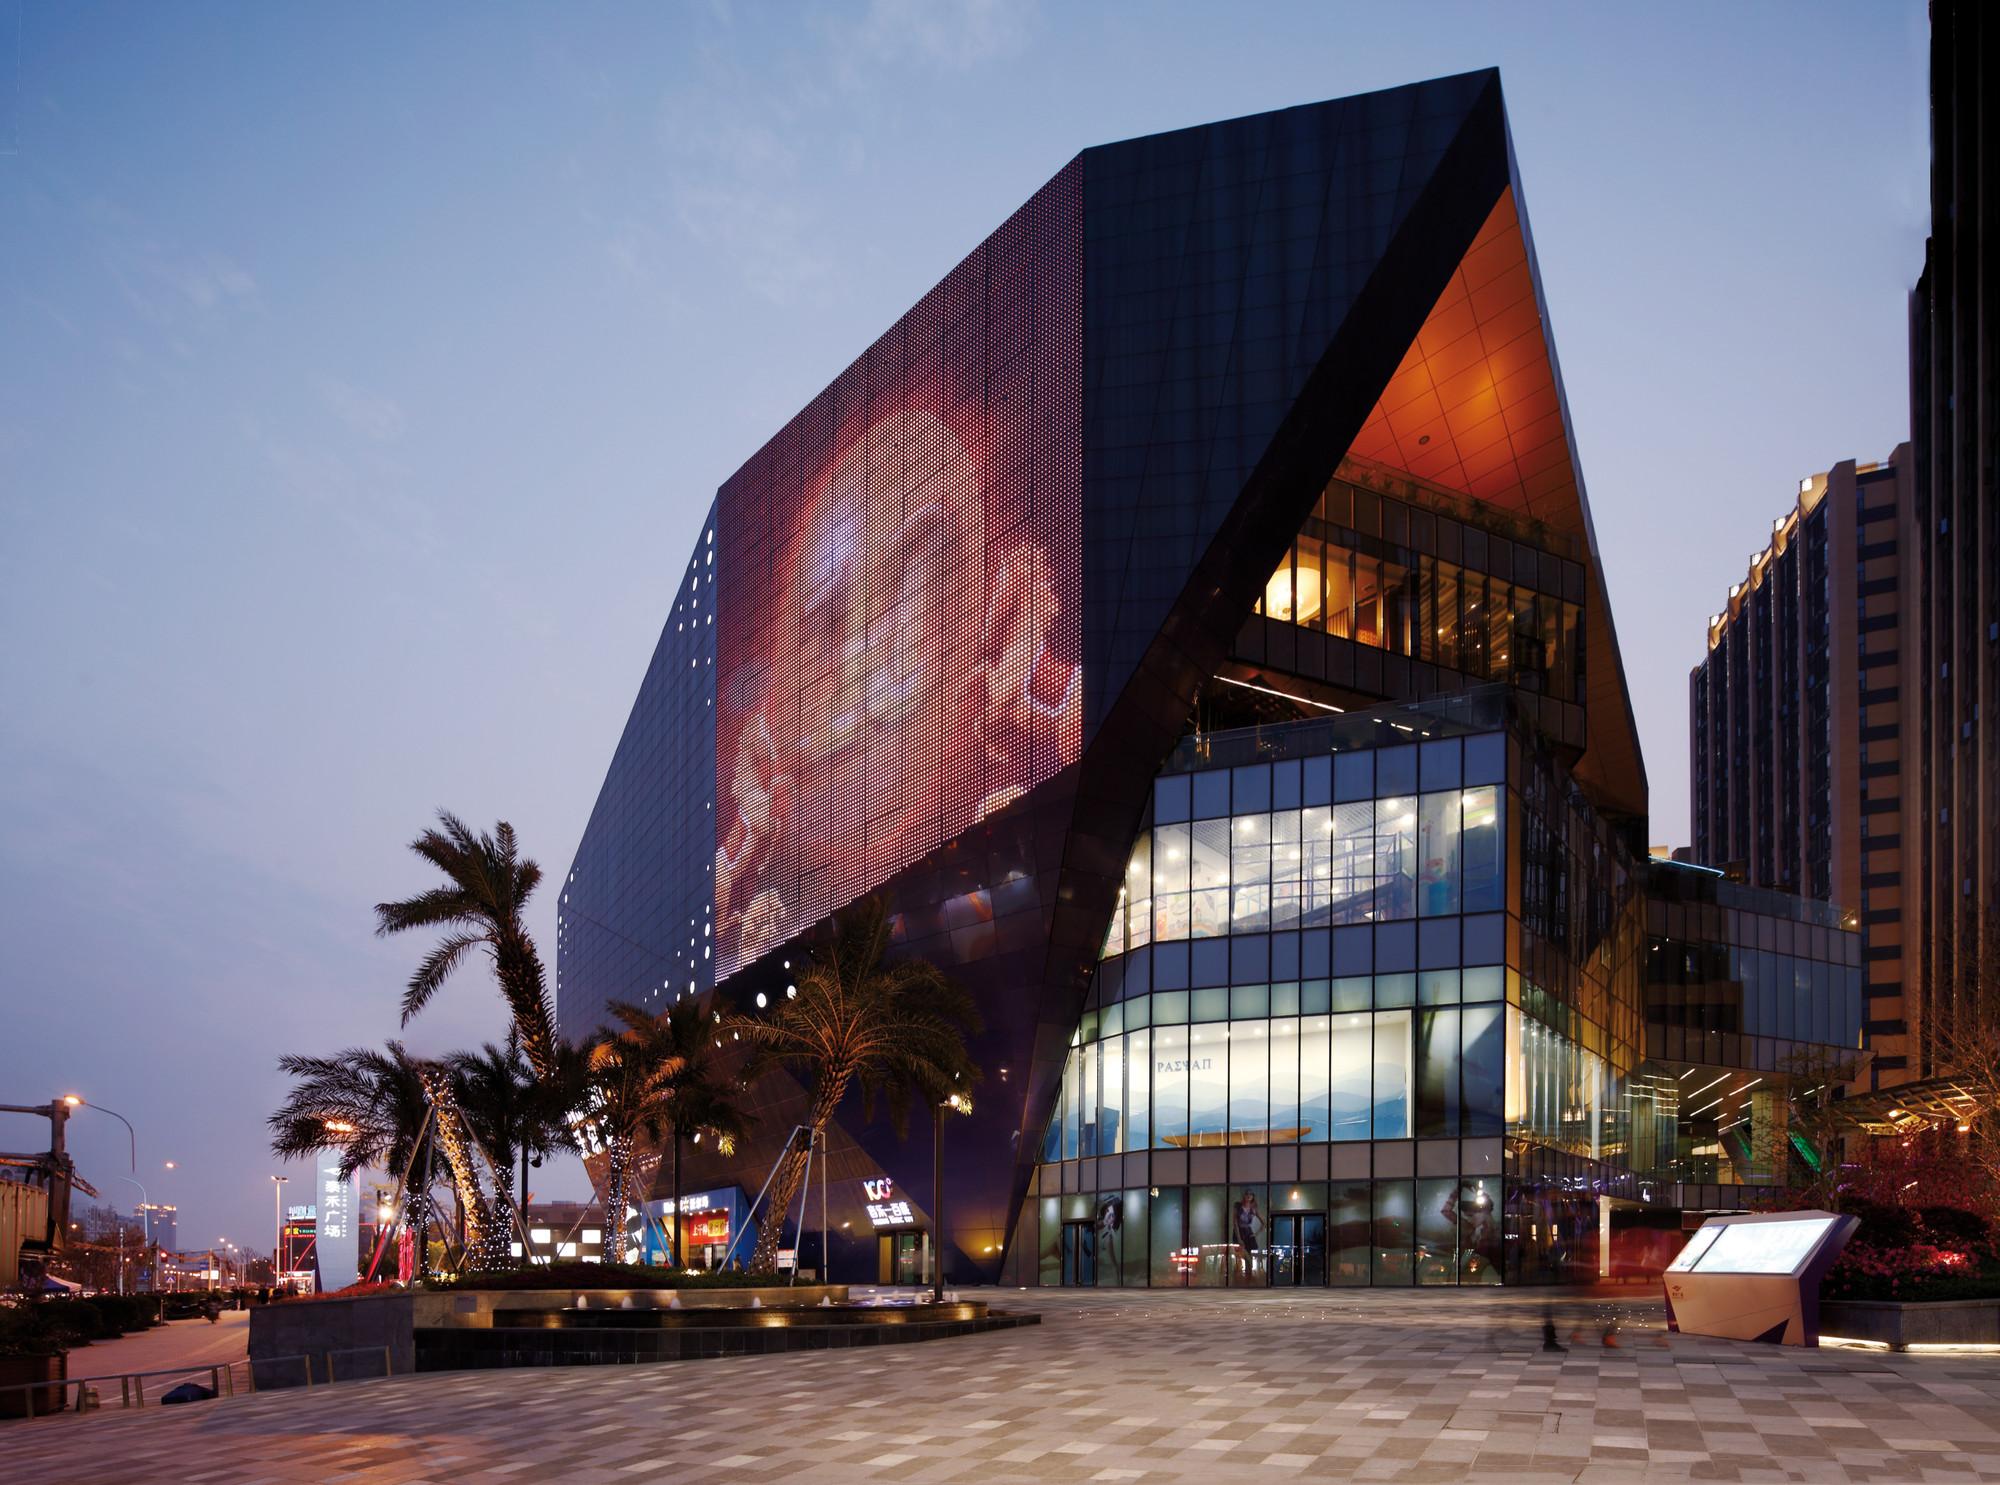 Fuzhou Wusibei Thaihot Plaza Spark Architects